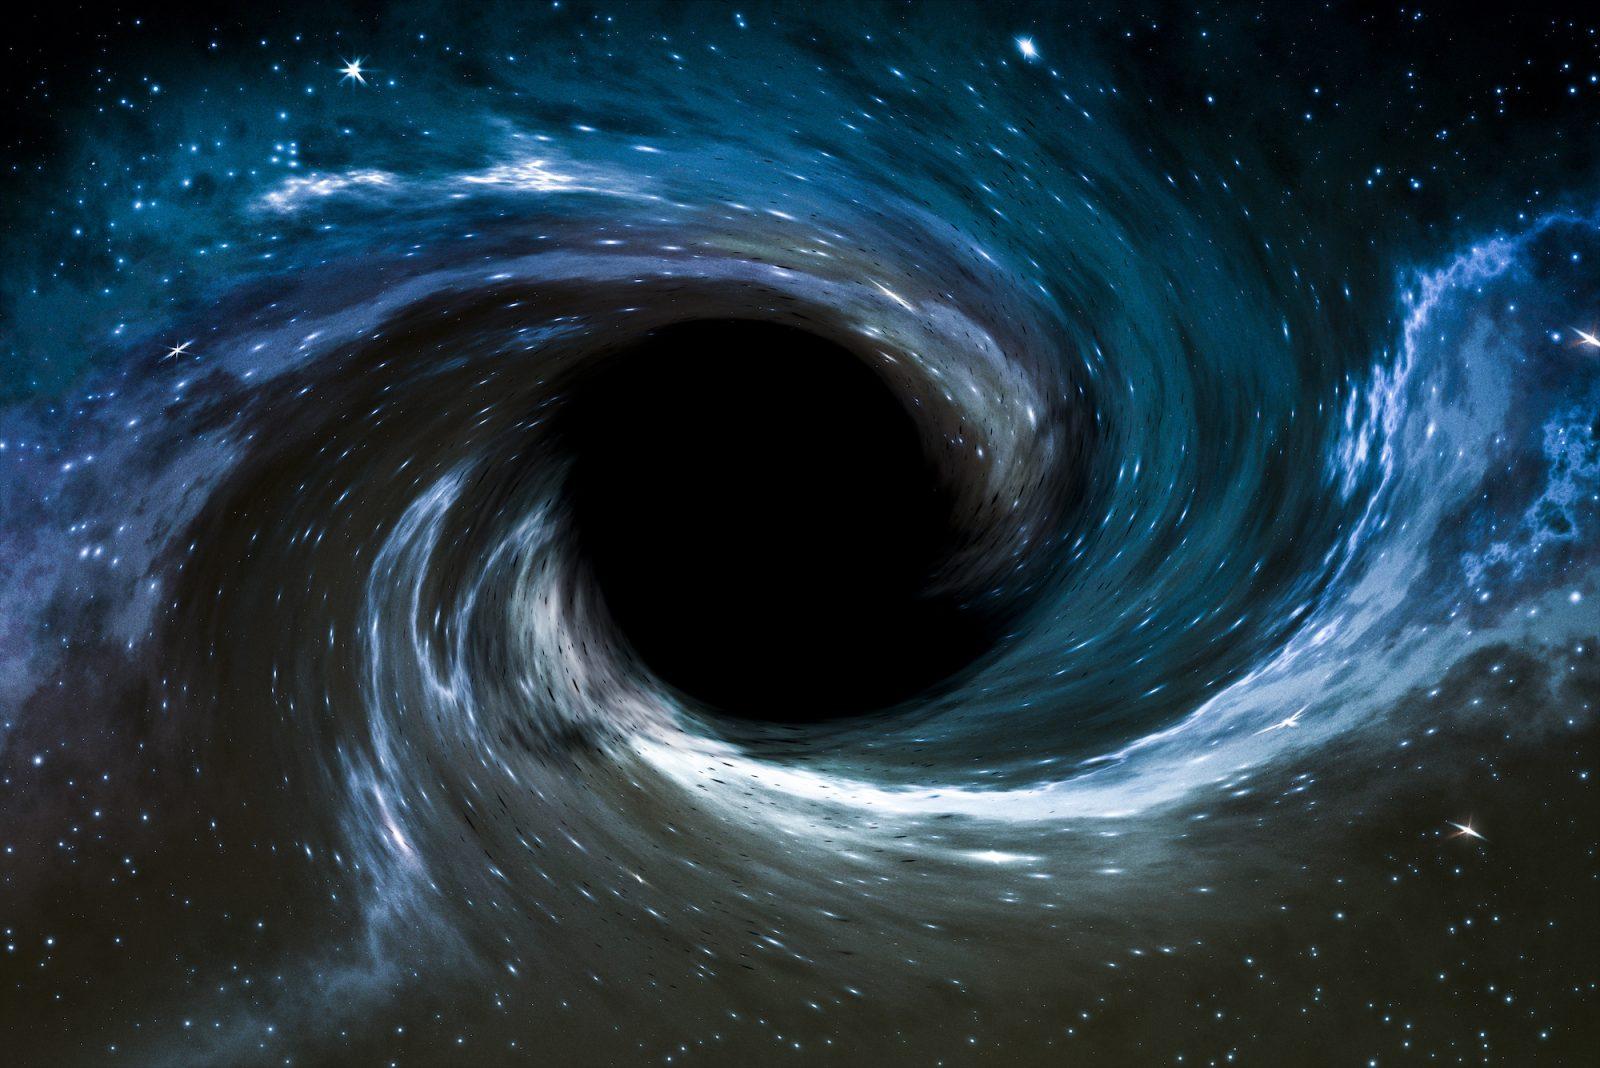 ondas gravitacionales y agujeros negros